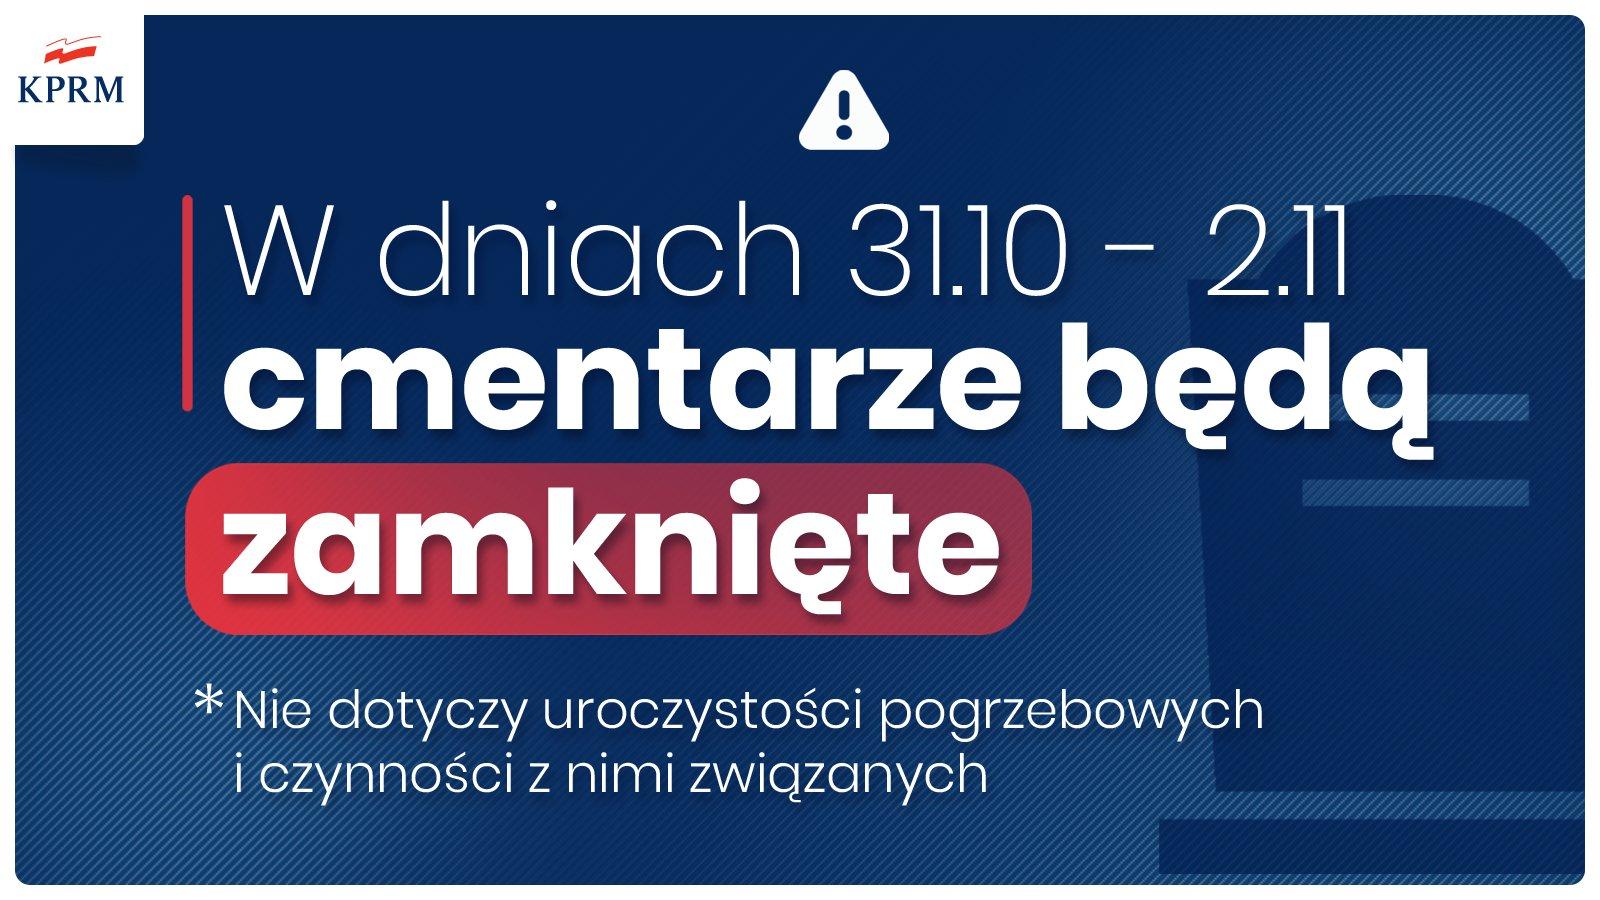 W dniach 31.10-2.11 cmentarze będą zamknięte ‼ * nie dotyczy uroczystości pogrzebowych i czynności z nimi związanych.